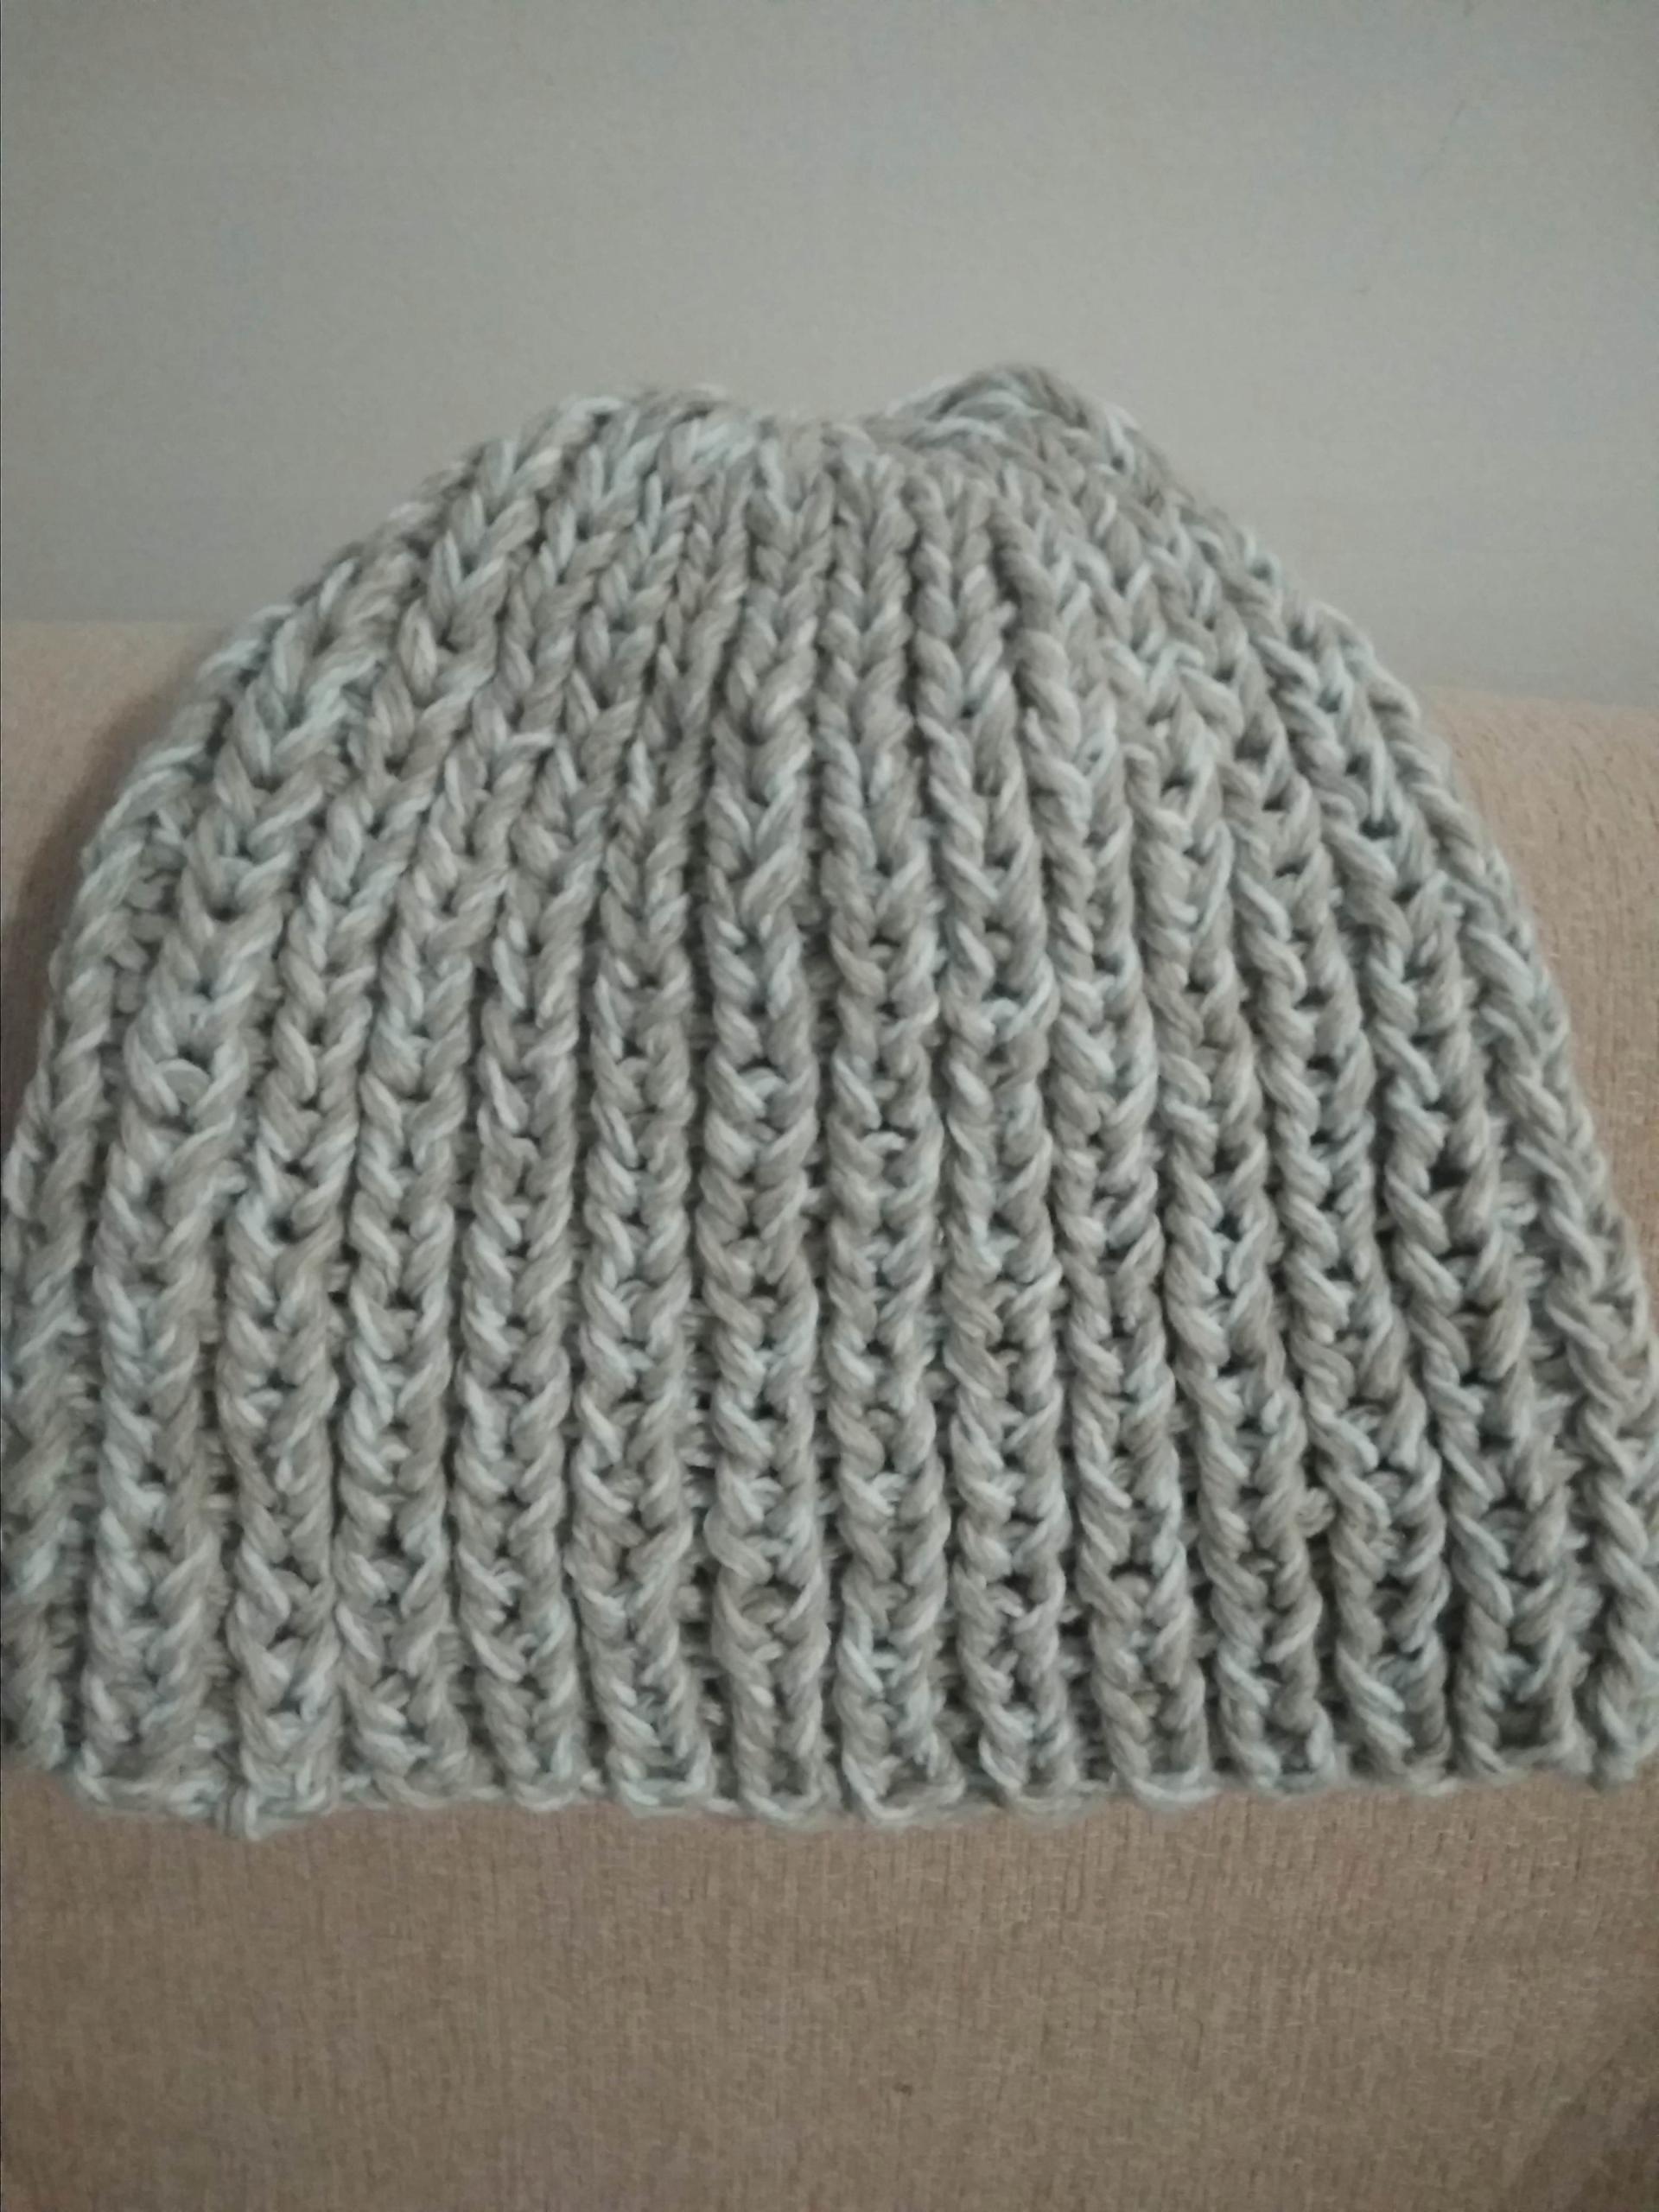 Gruba duża czapka.